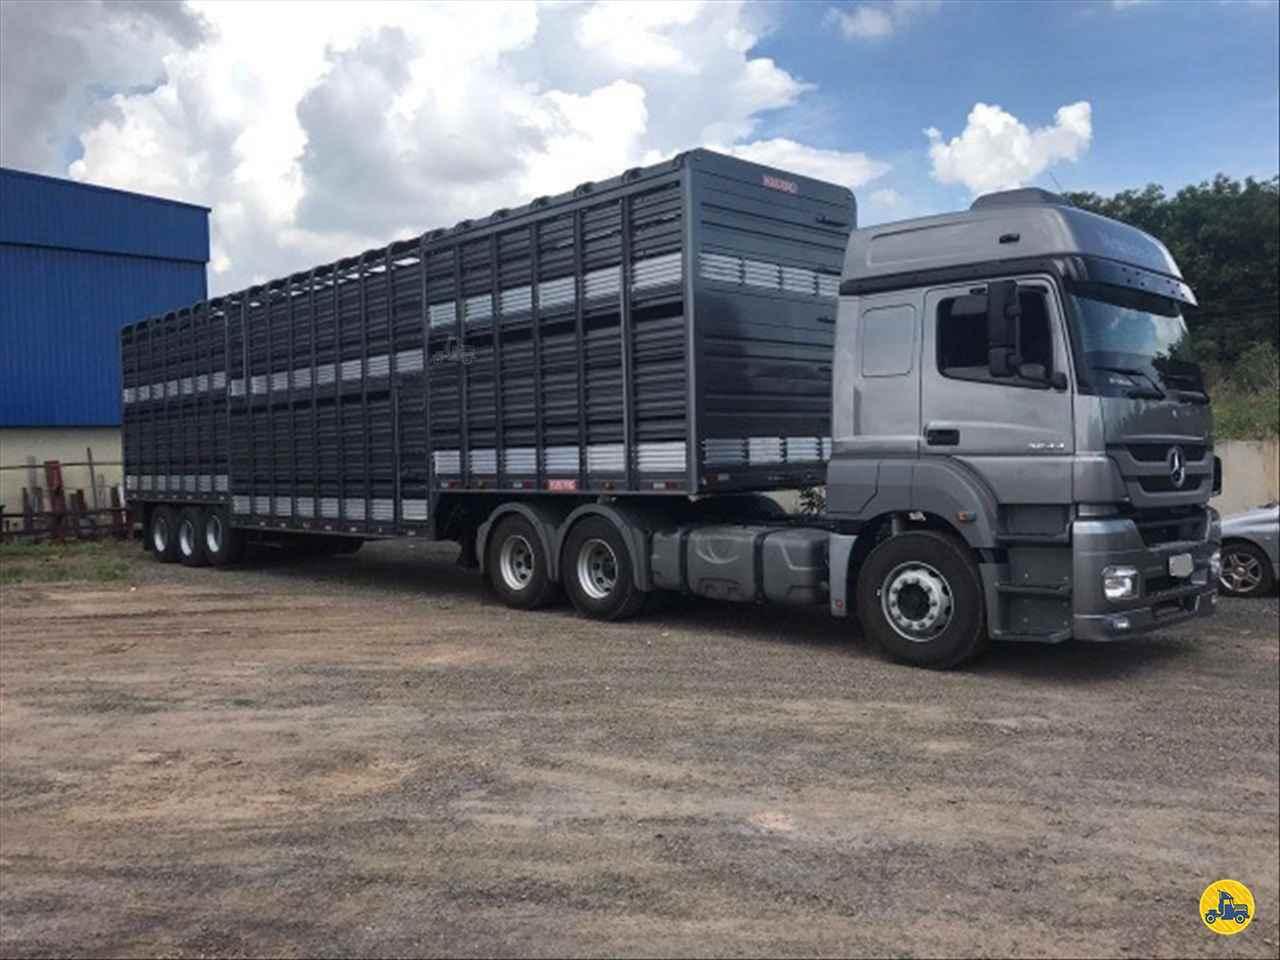 CAMINHAO MERCEDES-BENZ MB 2544 Bombeiro Truck 6x2 VSG Caminhões SAO PAULO SÃO PAULO SP